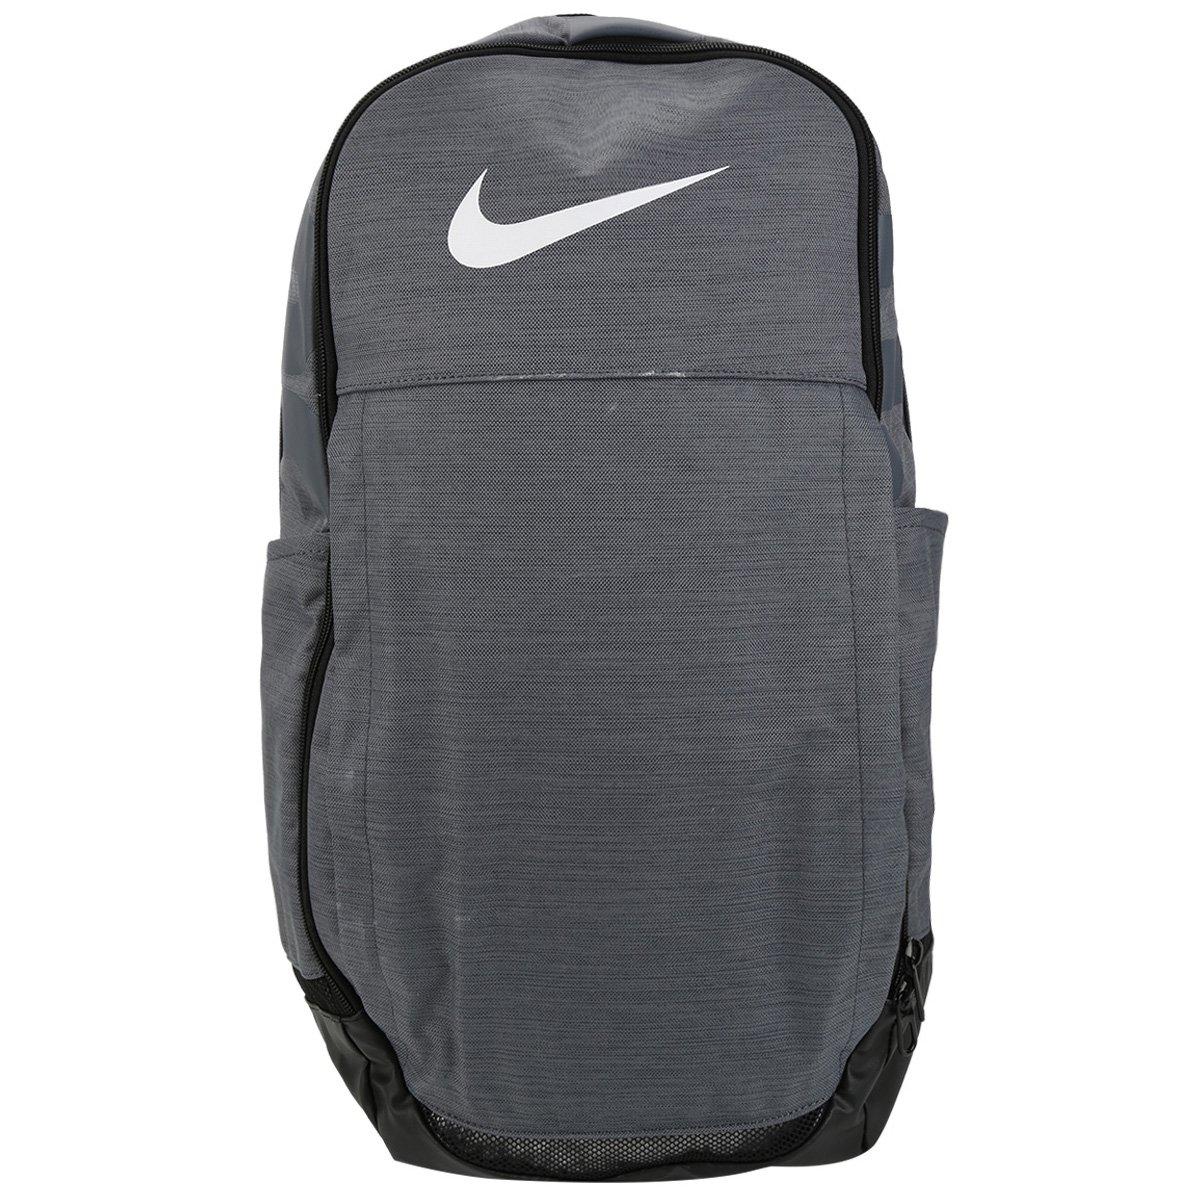 Mochila Nike Brasília I - Compre Agora  d795bd5420e71